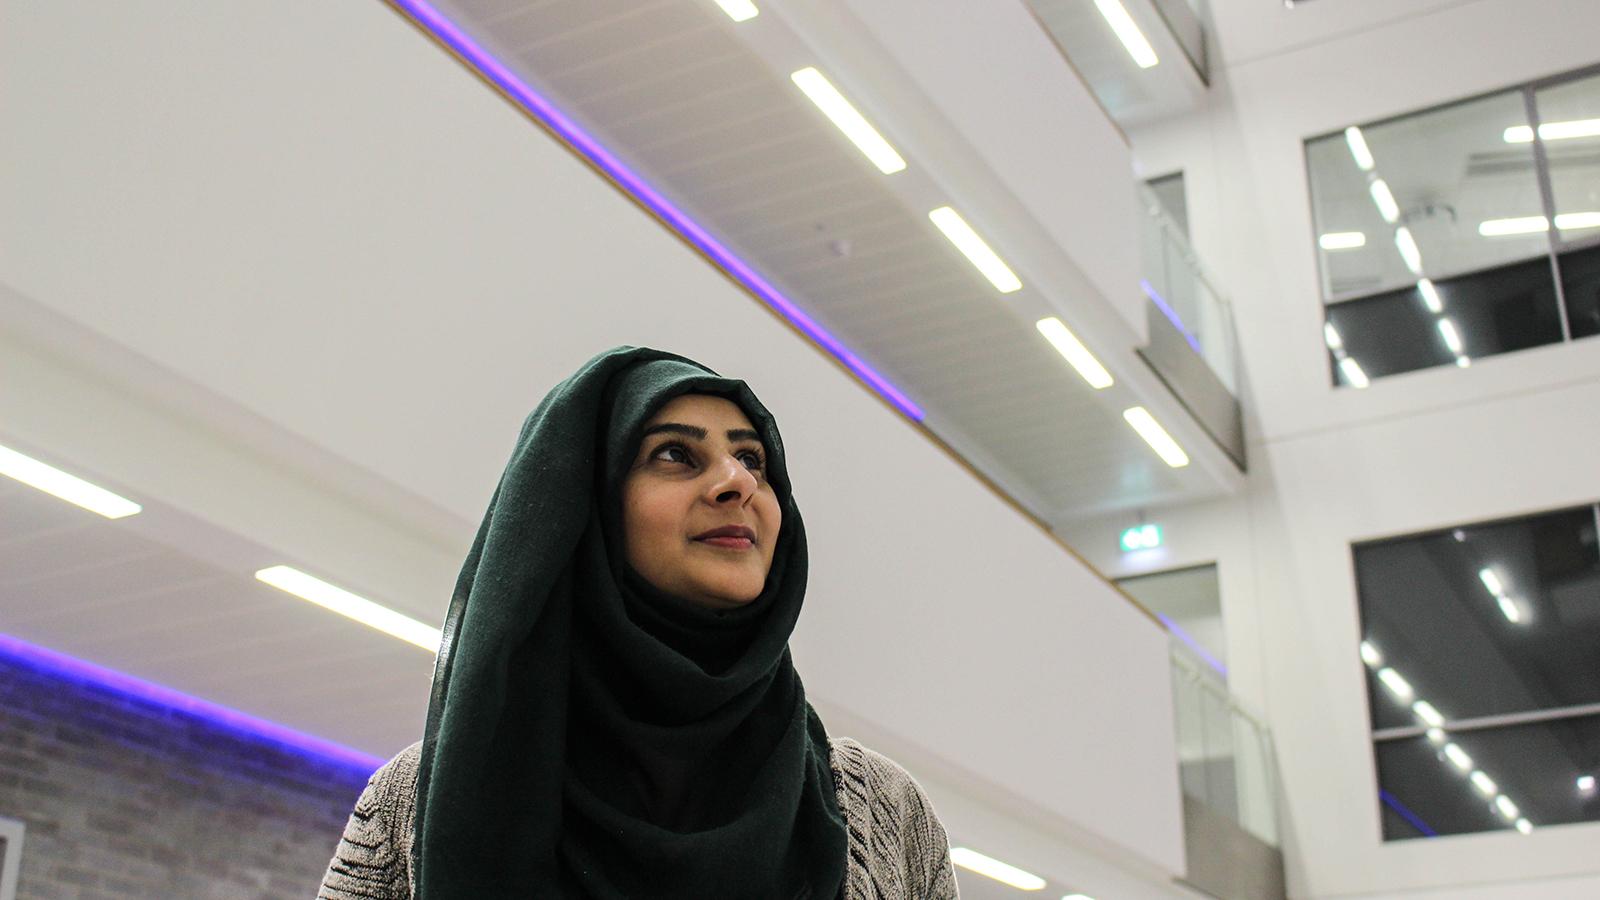 Image: Sadaf in New Adelphi Building